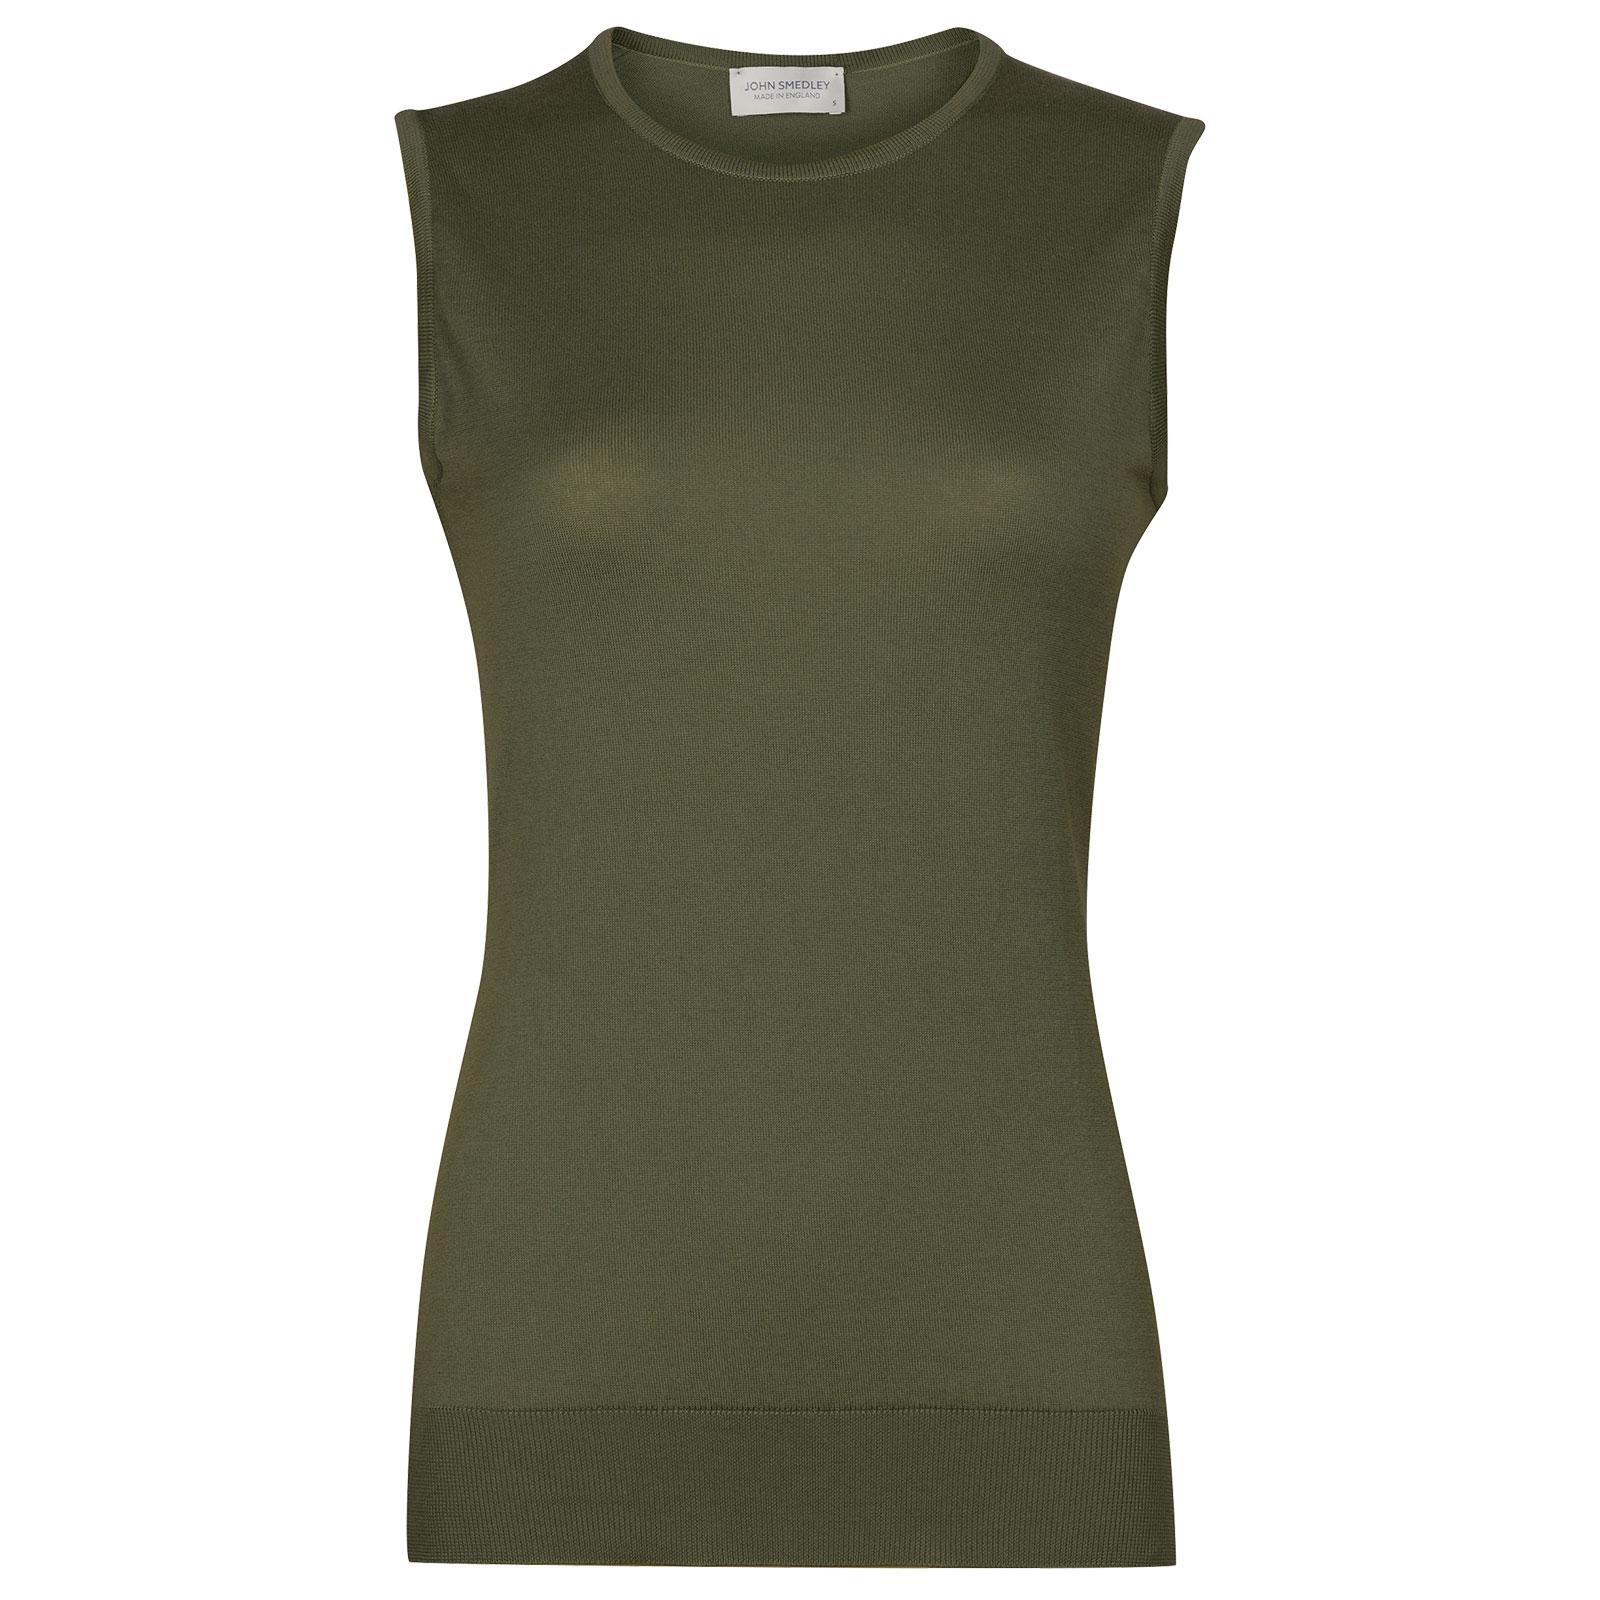 John Smedley Highgate in Sepal Green Sweater-MED